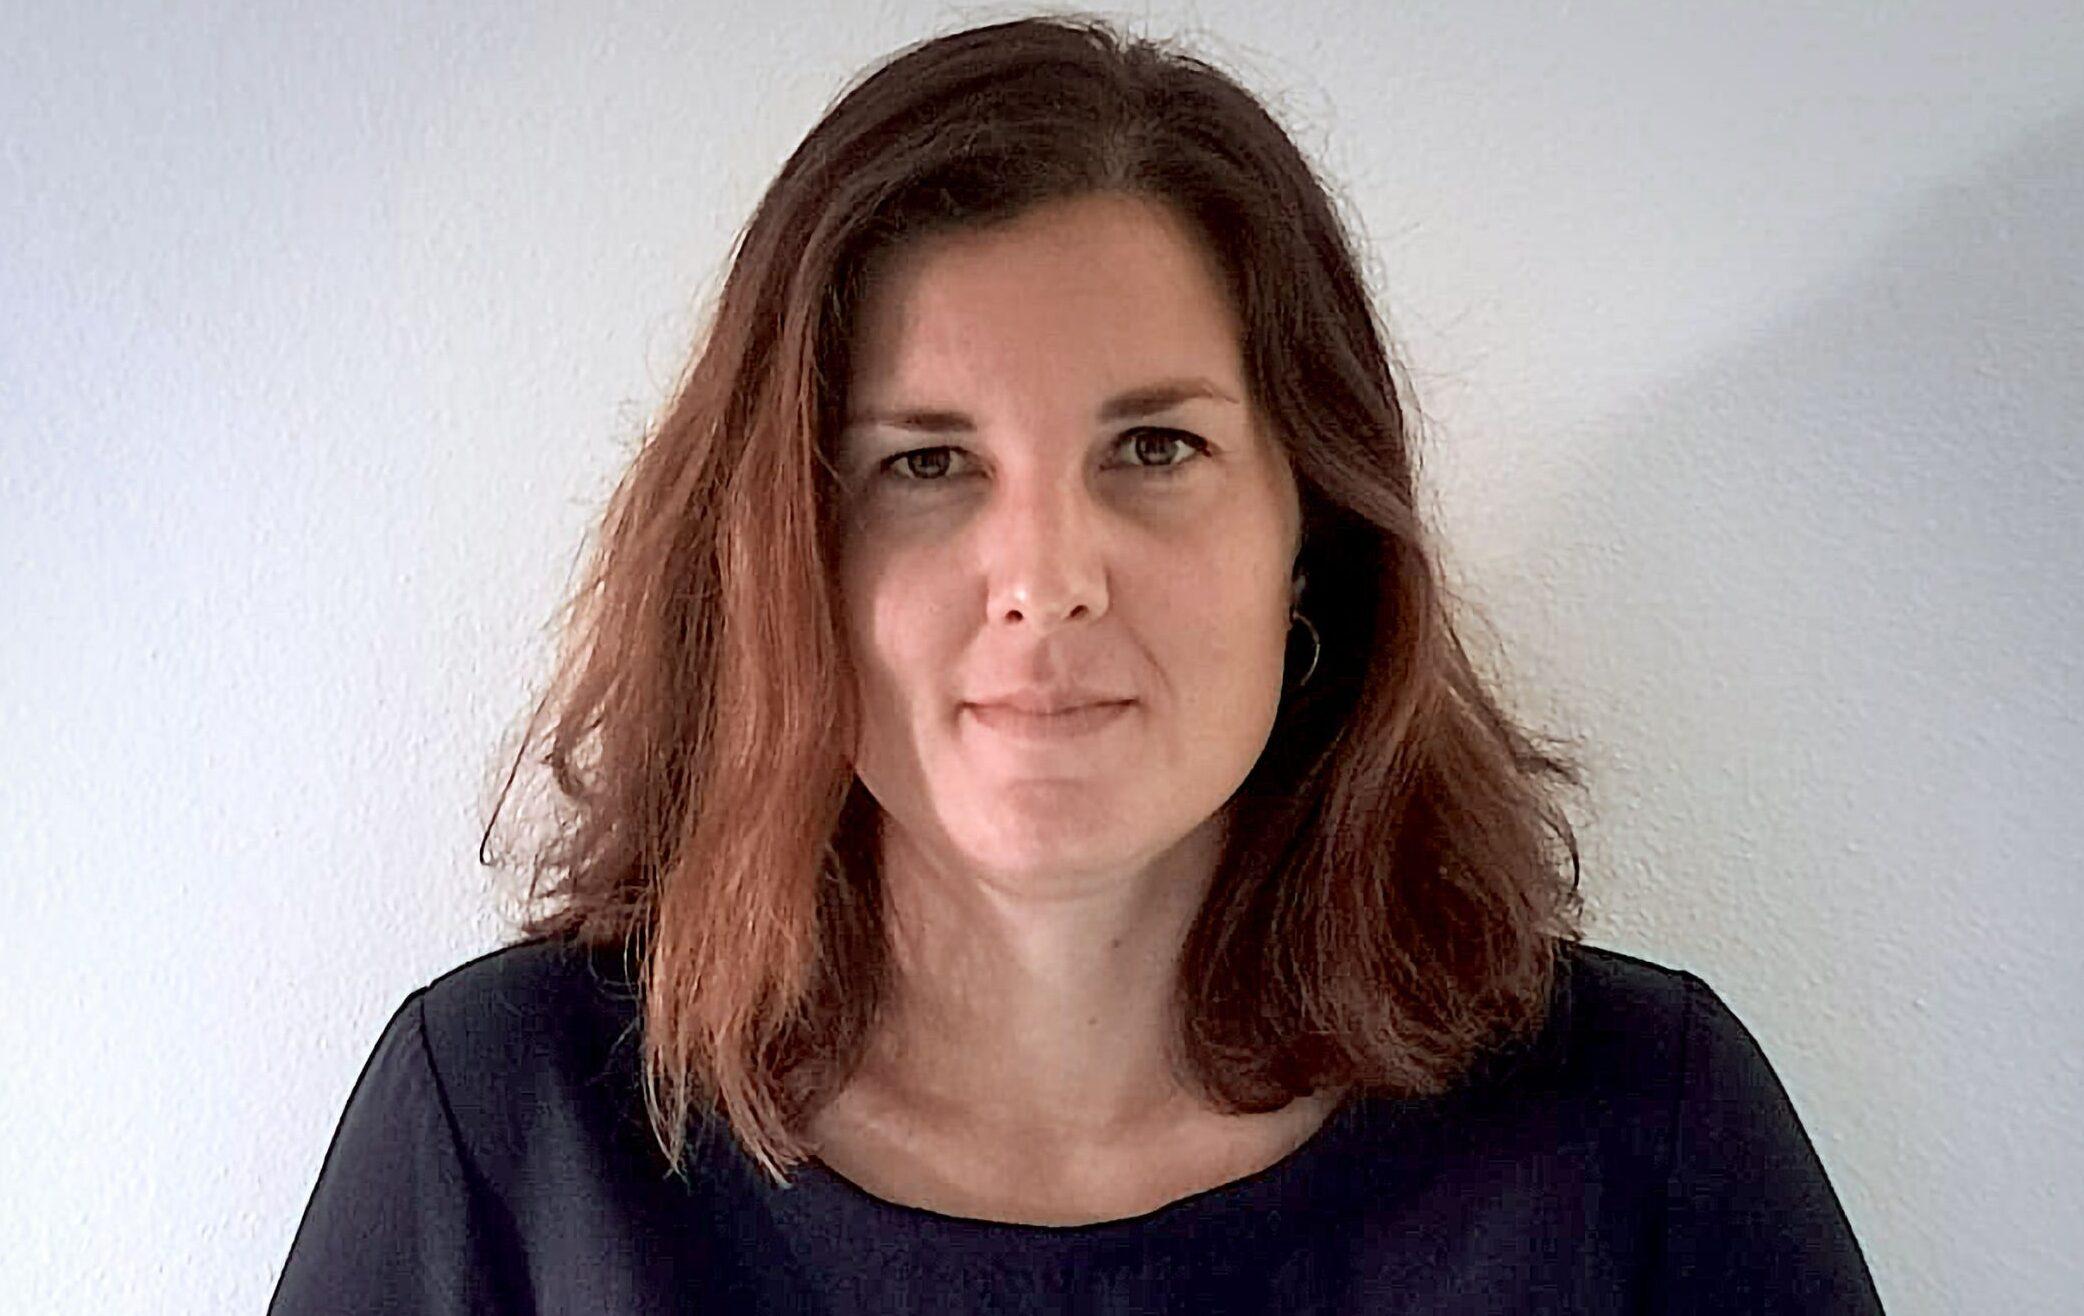 """Caterina Riva nuova Direttrice Artistica per il MACTE: """"Il museo sarà inclusivo, migrante, collegato, radicato, riflessivo"""""""